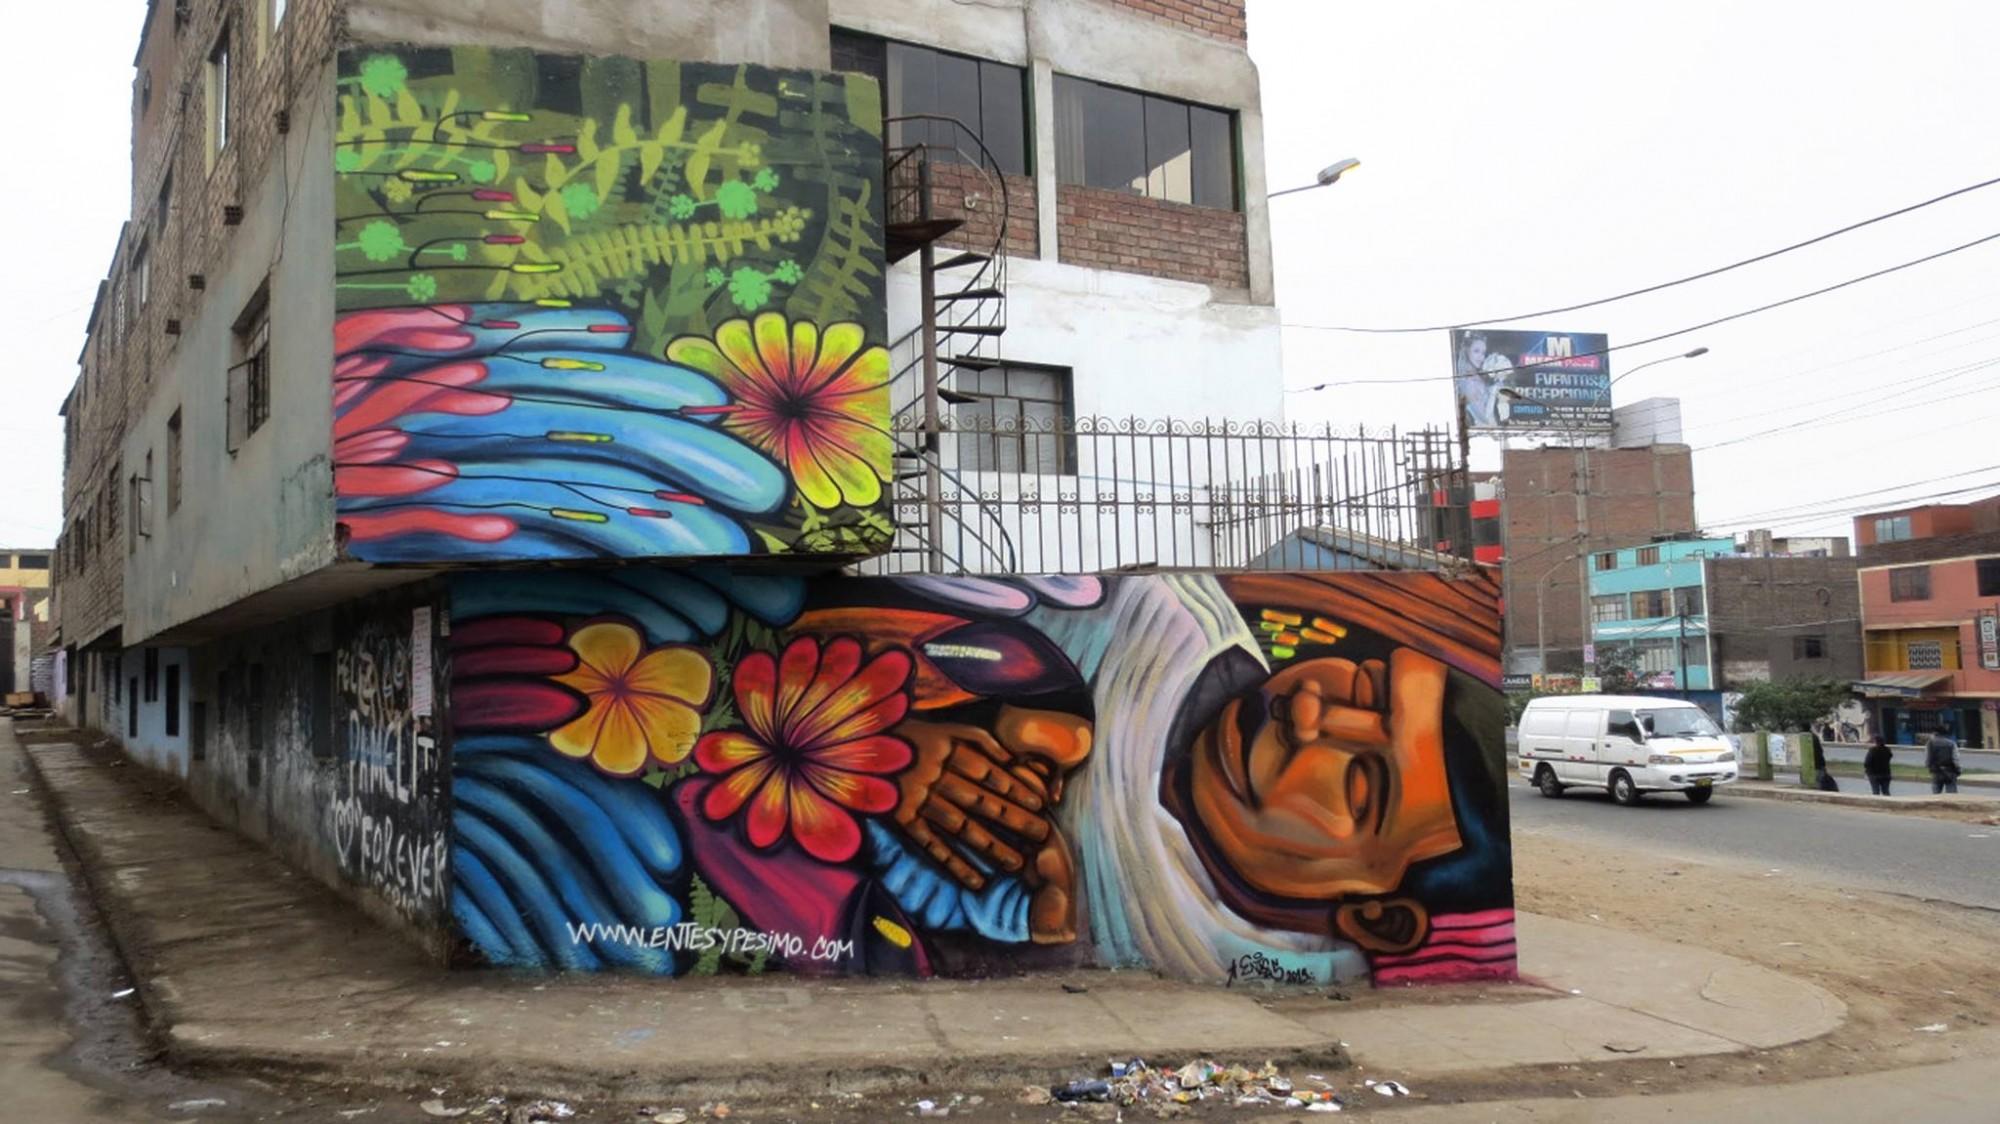 Mural de Entes y Pésimo en Lima.